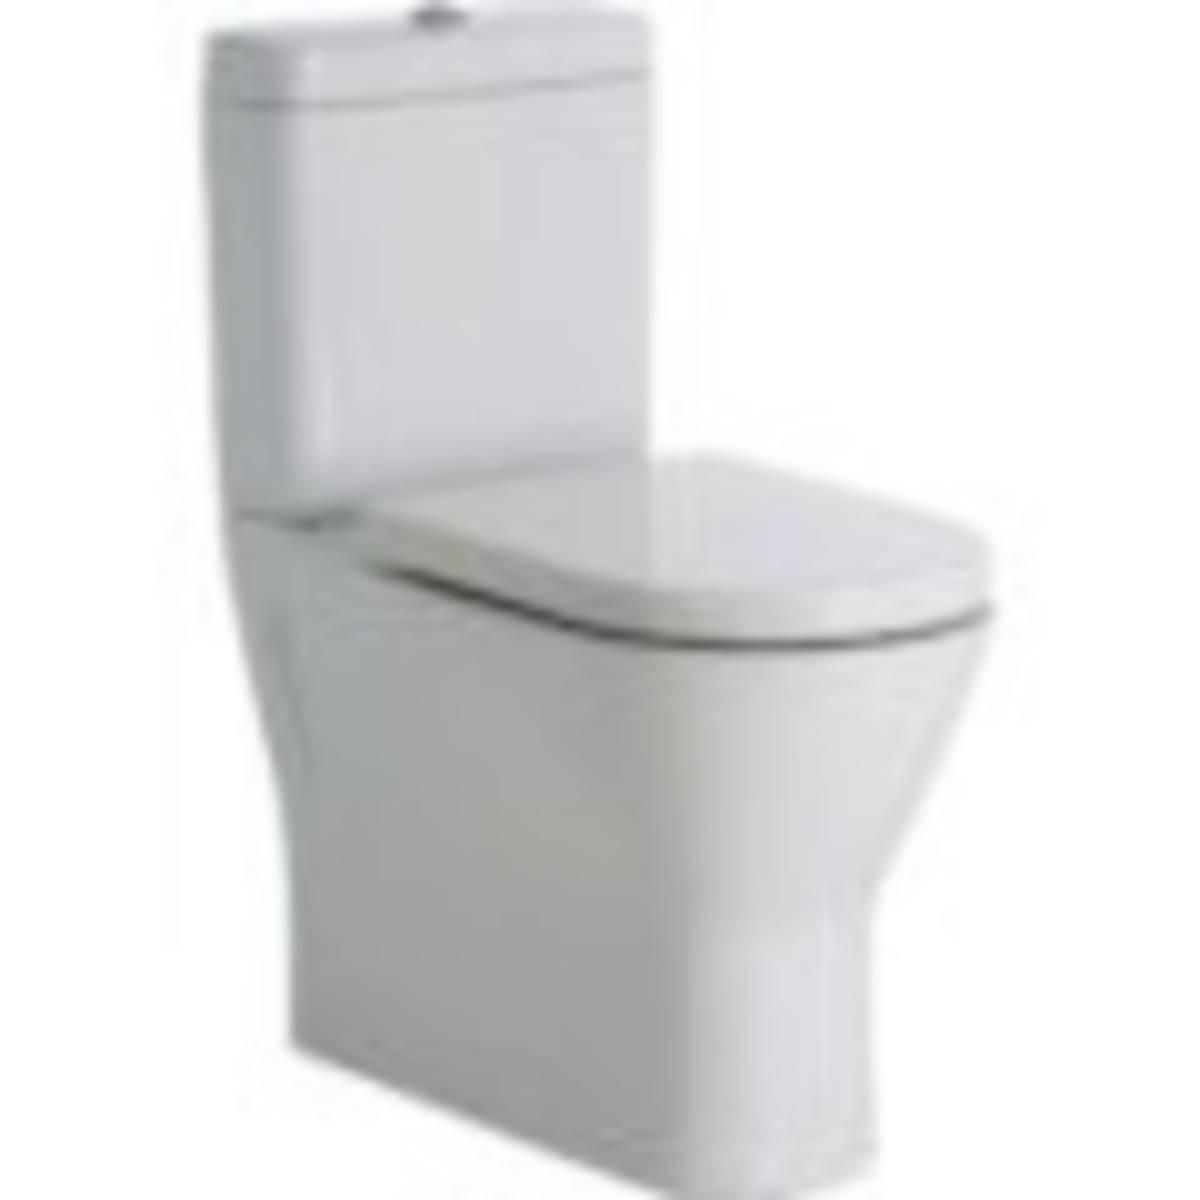 View Photo: Https://www.sinkandbathroomshop.com.au/shop/toilets/colonial-vintage-toilets/birmingham-close-coupled-toilet-suite/